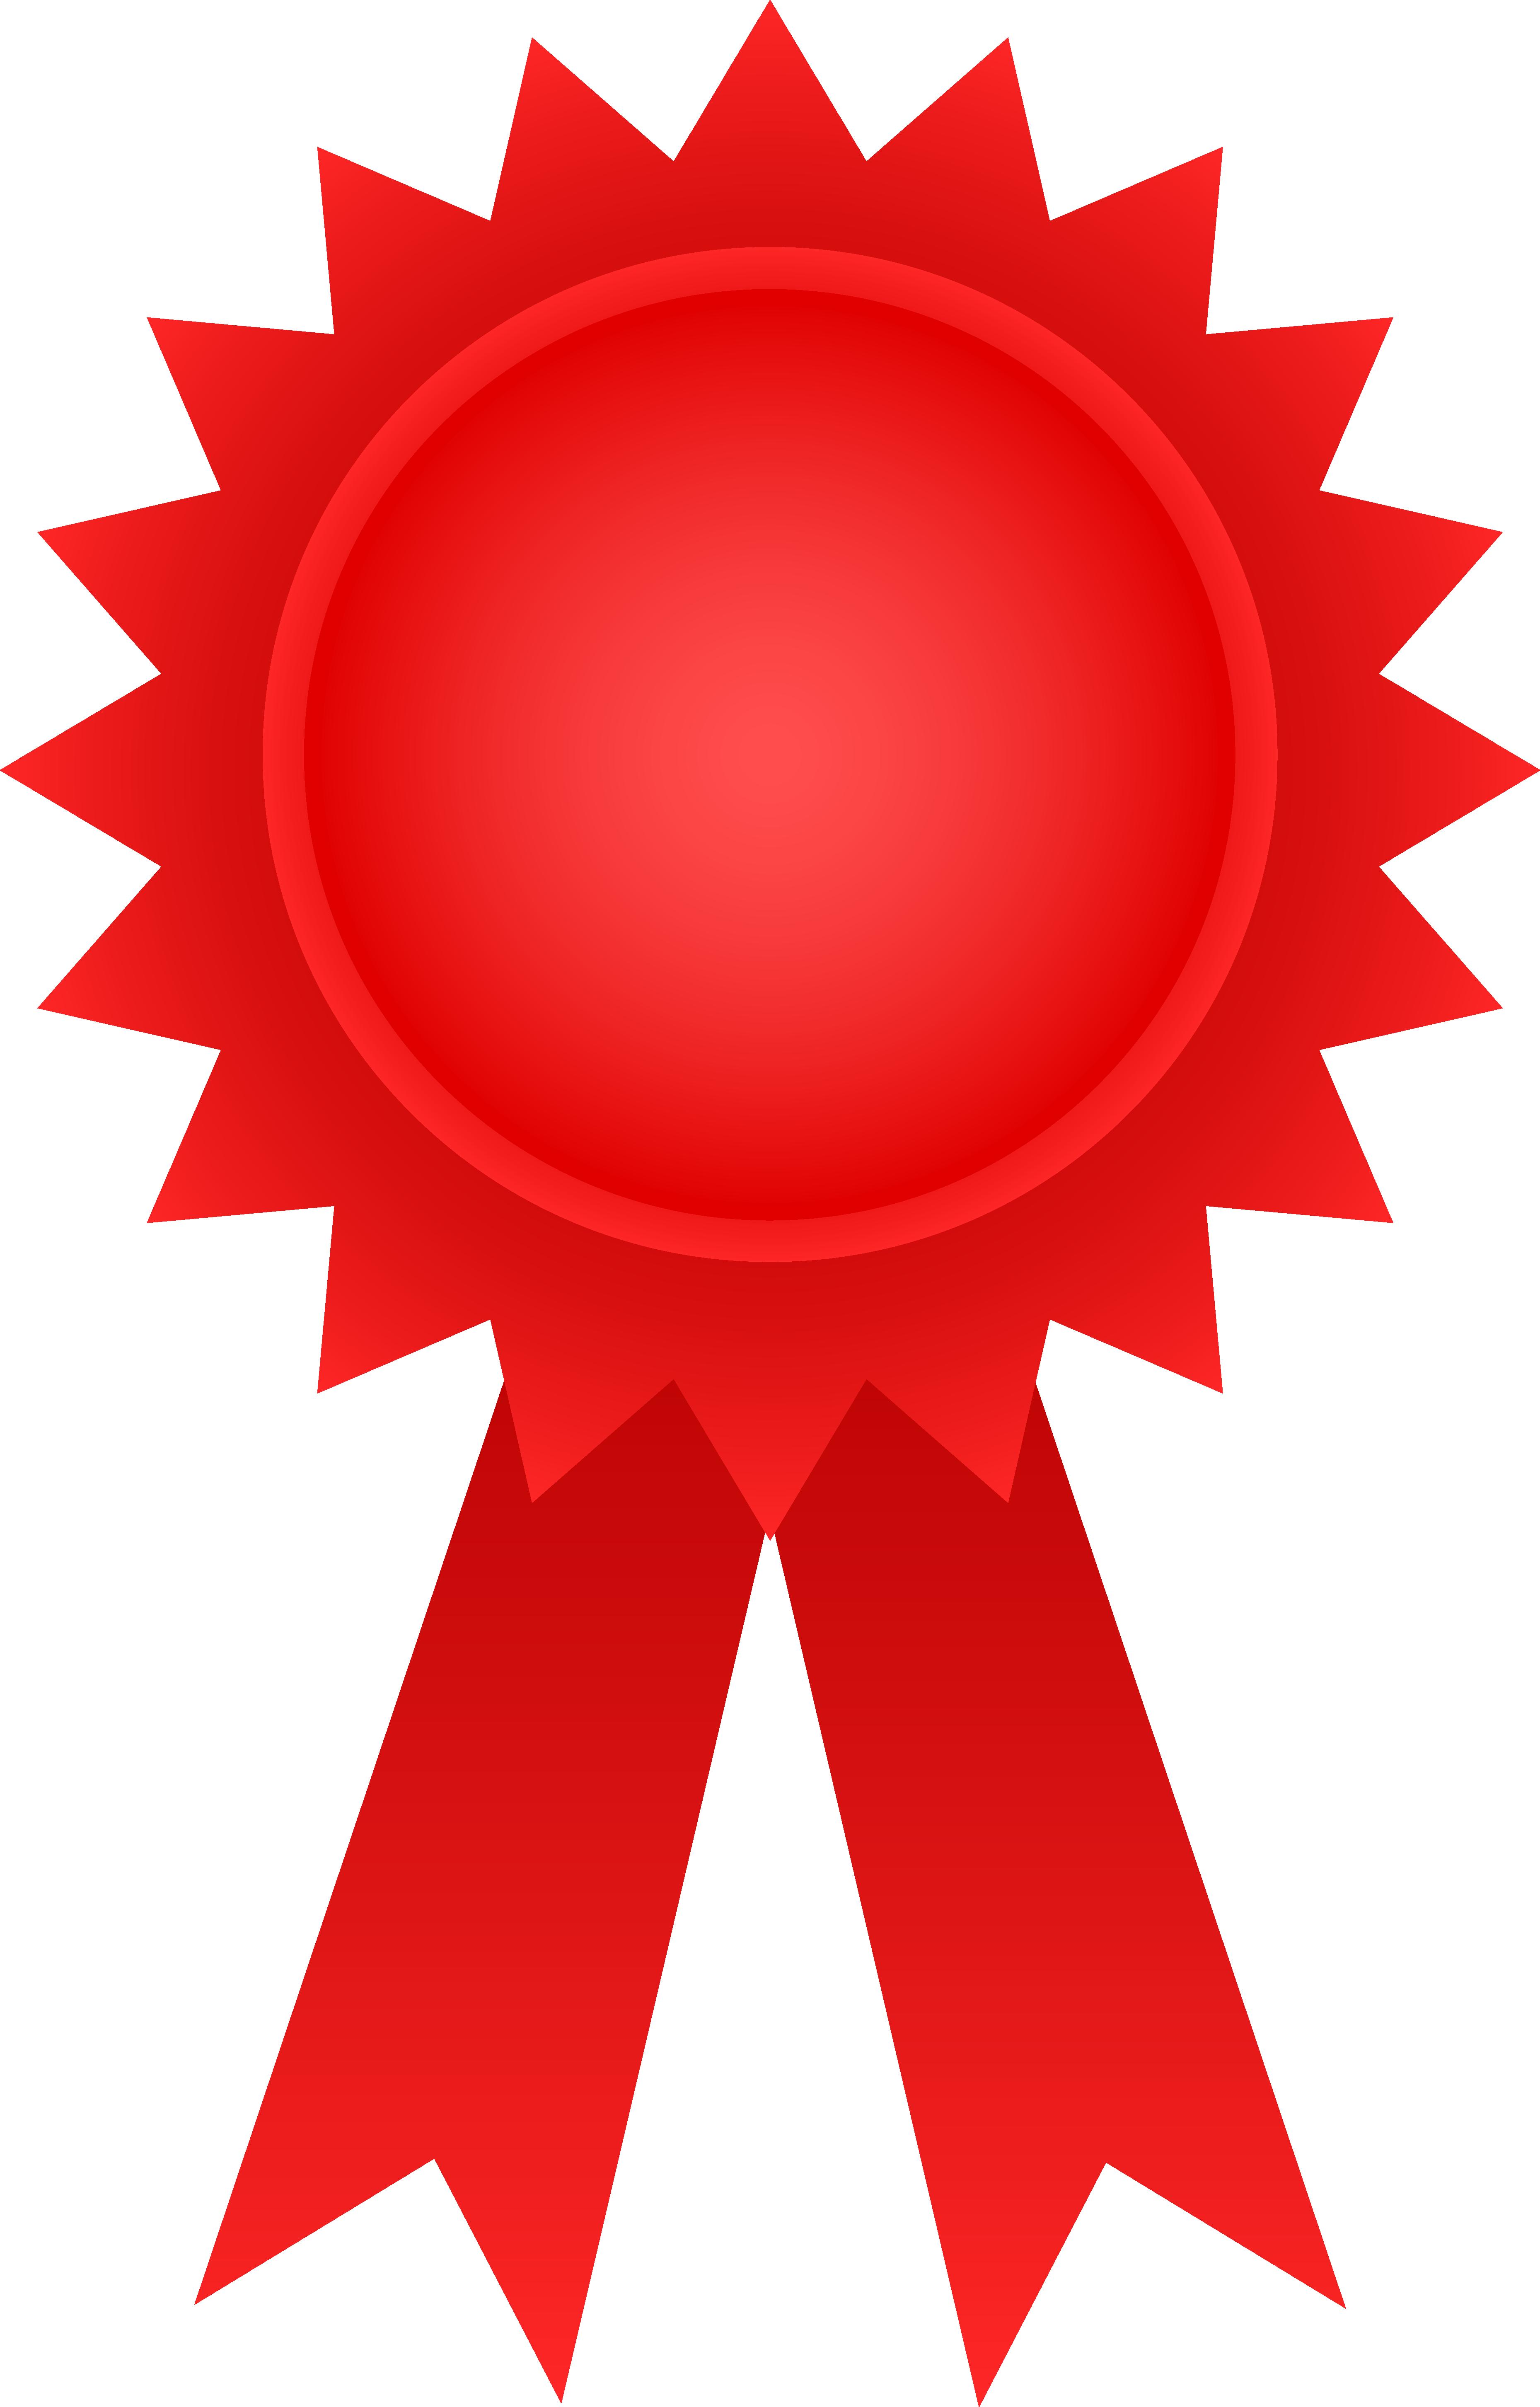 Red Award Ribbon - Free Clip .-Red Award Ribbon - Free Clip .-5